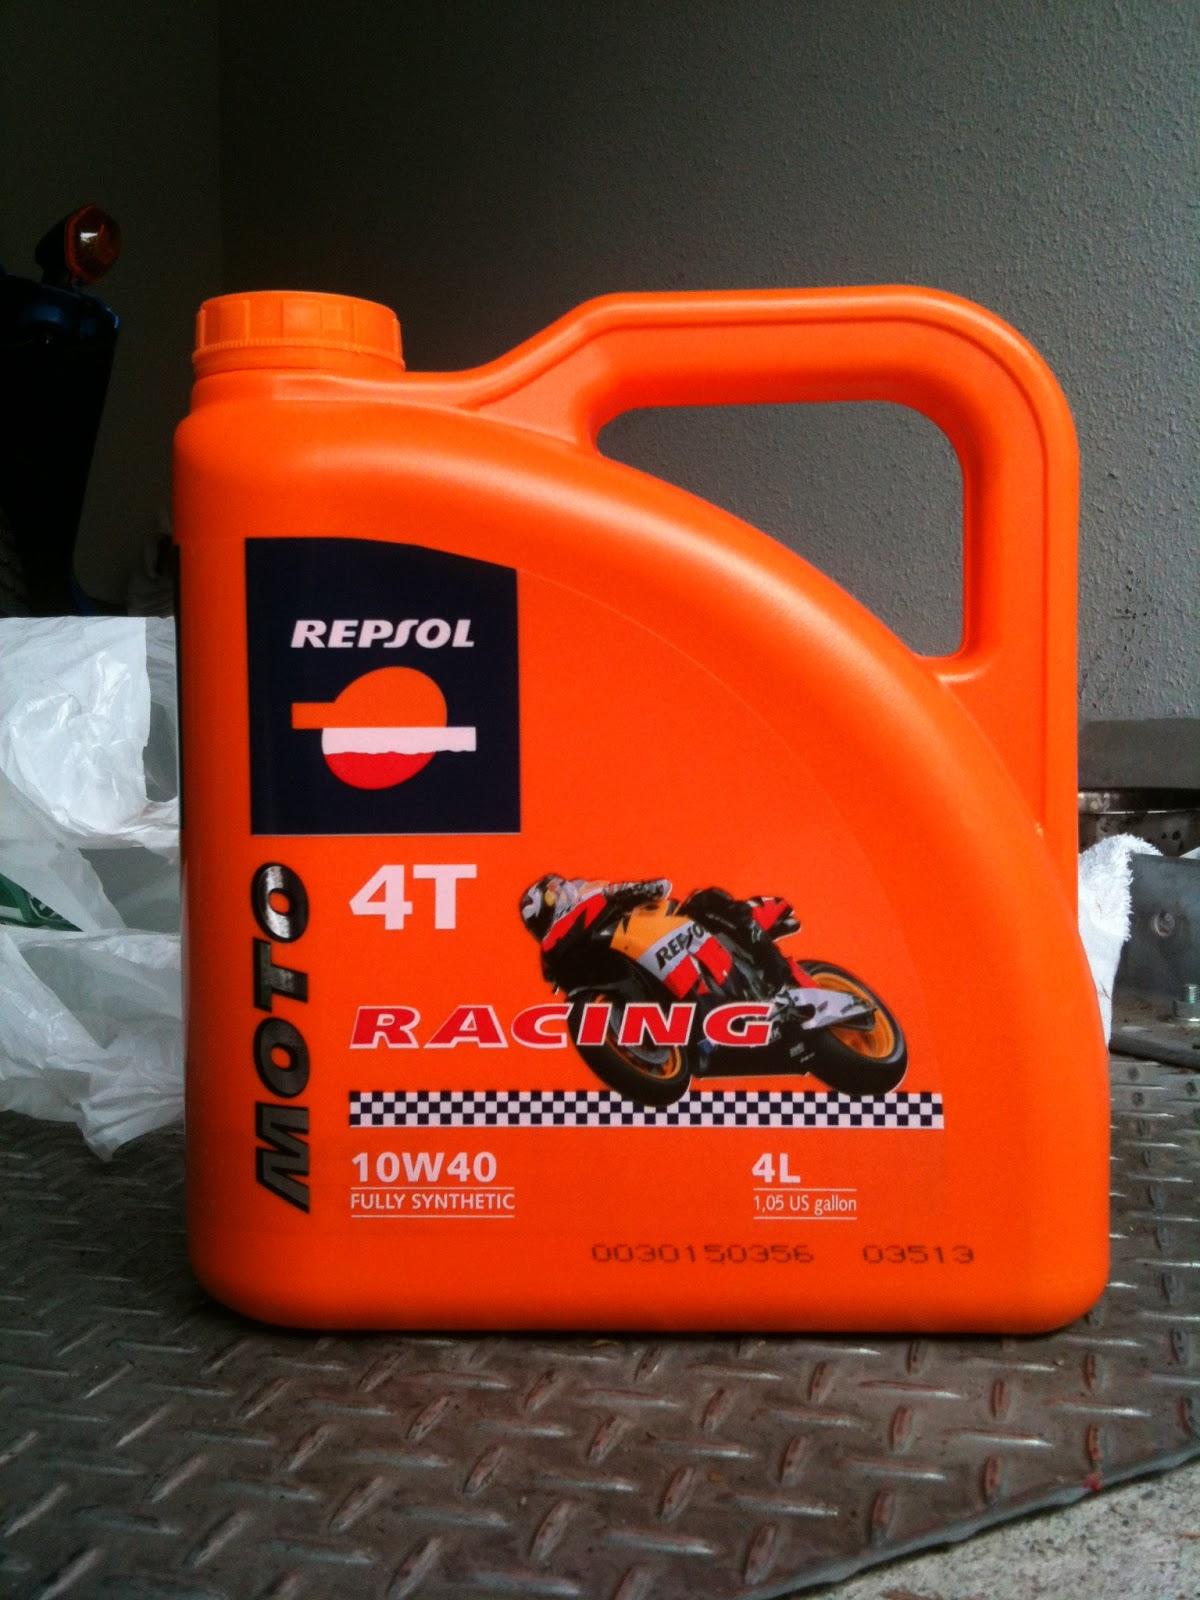 レプソル・モト・レーシング4T 10W-40 4リットル 化学合成油・シンセティックオイル